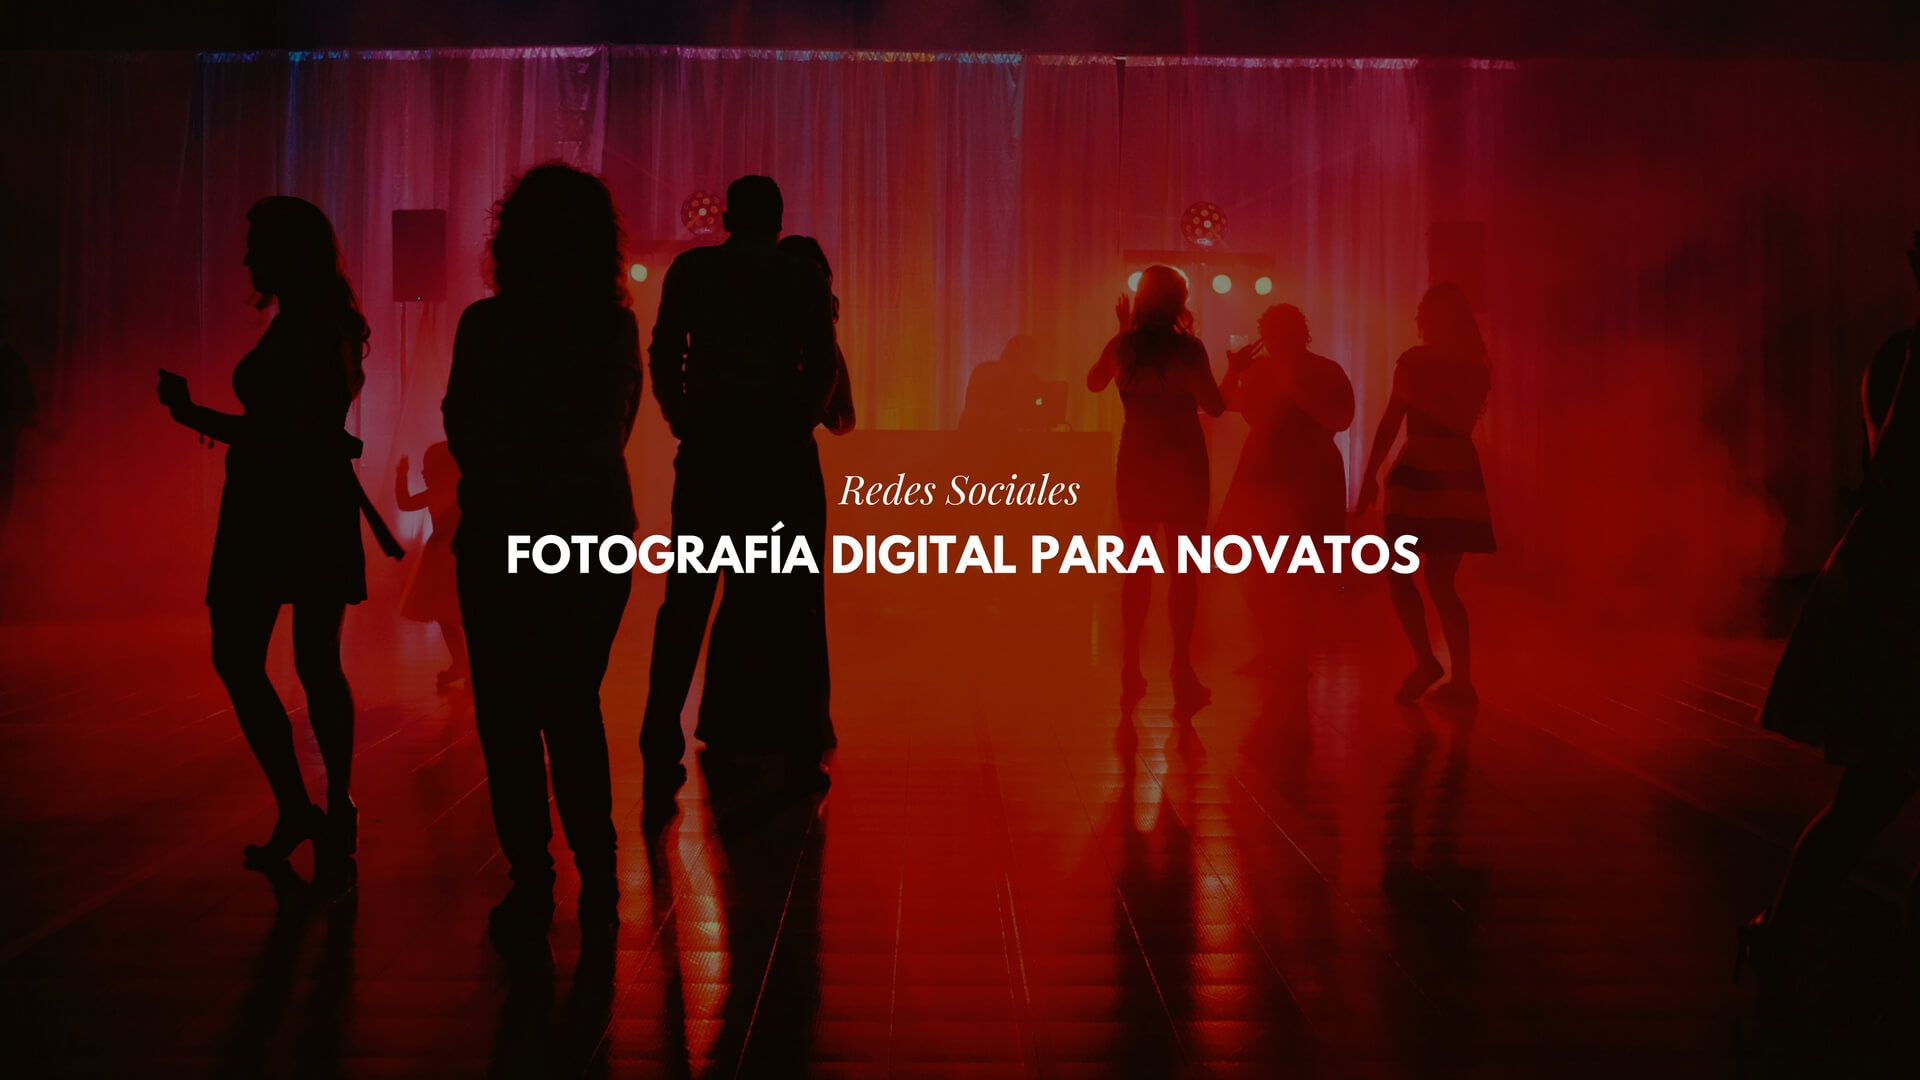 Fotografía Digital para novatos: cómo sorprender en Redes Sociales